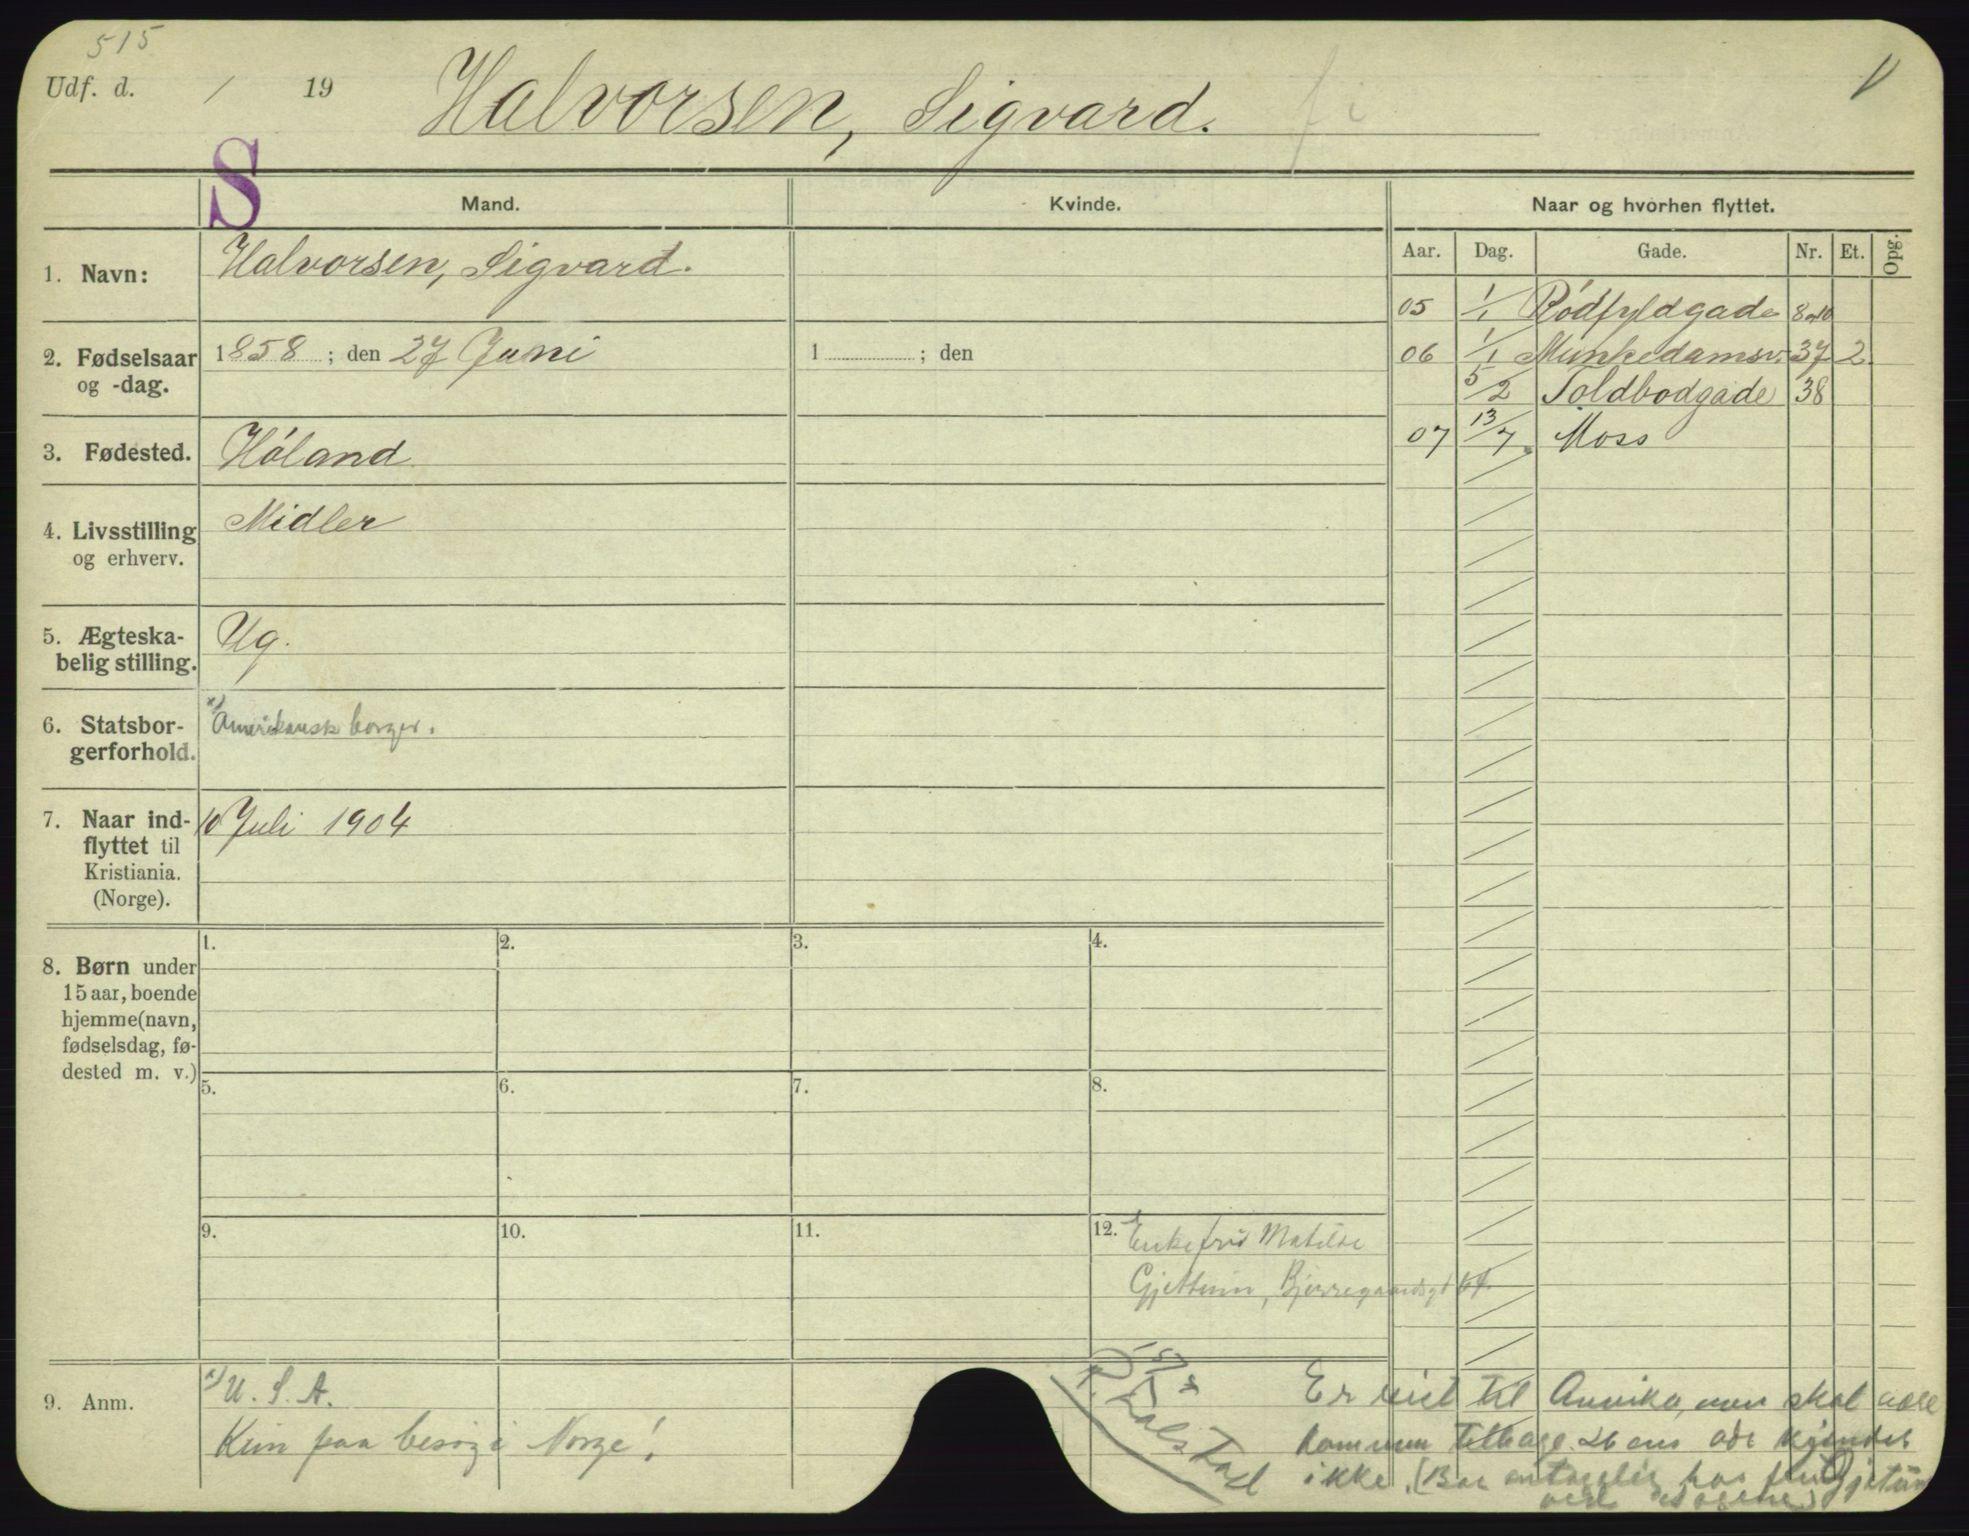 SAO, Oslo folkeregister, Registerkort, F/Fa/Fac/L0003: Menn, 1906-1914, s. 1151a